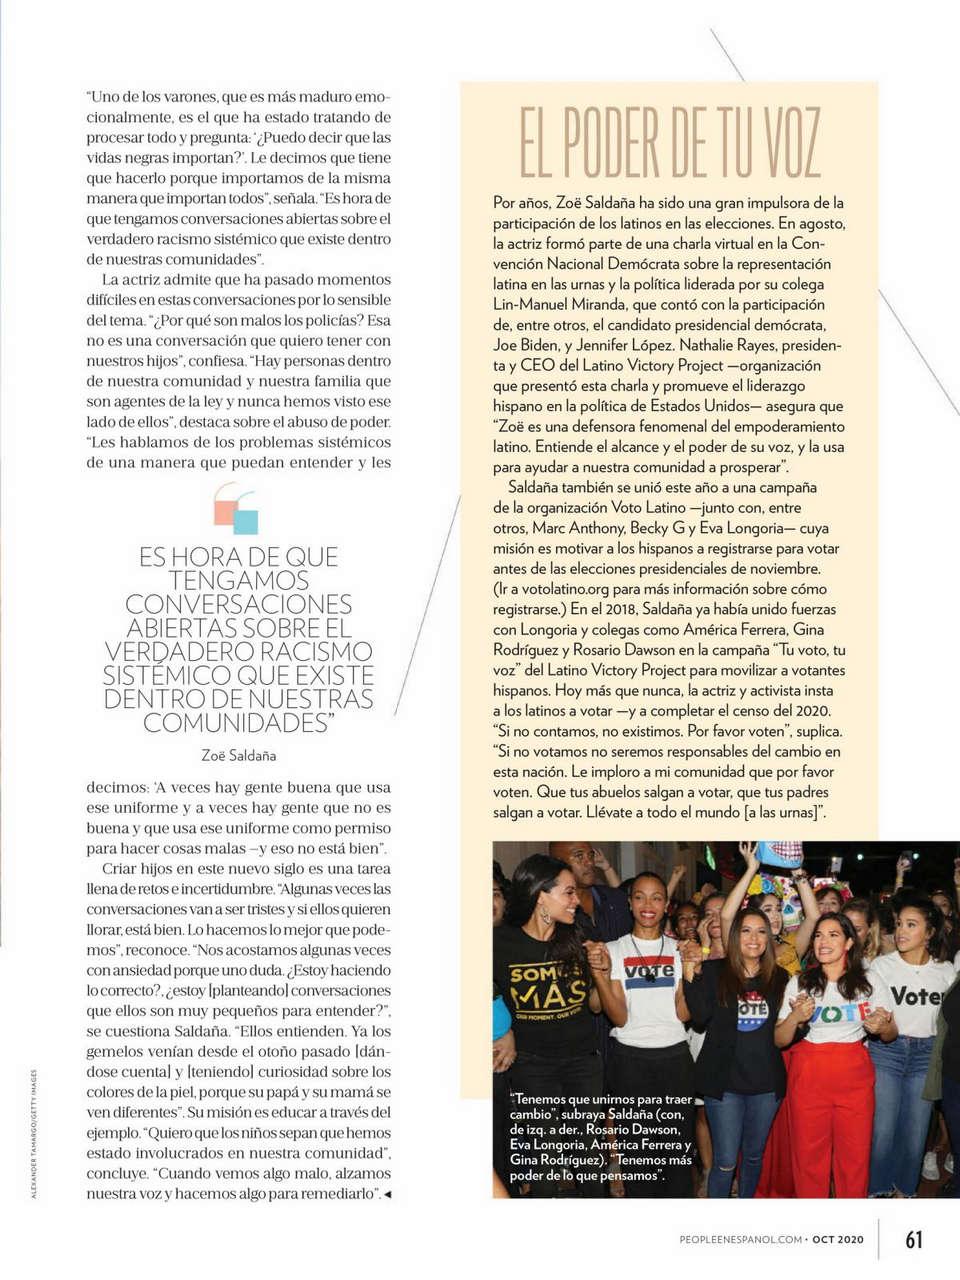 Zoe Saldana People En Espanol October